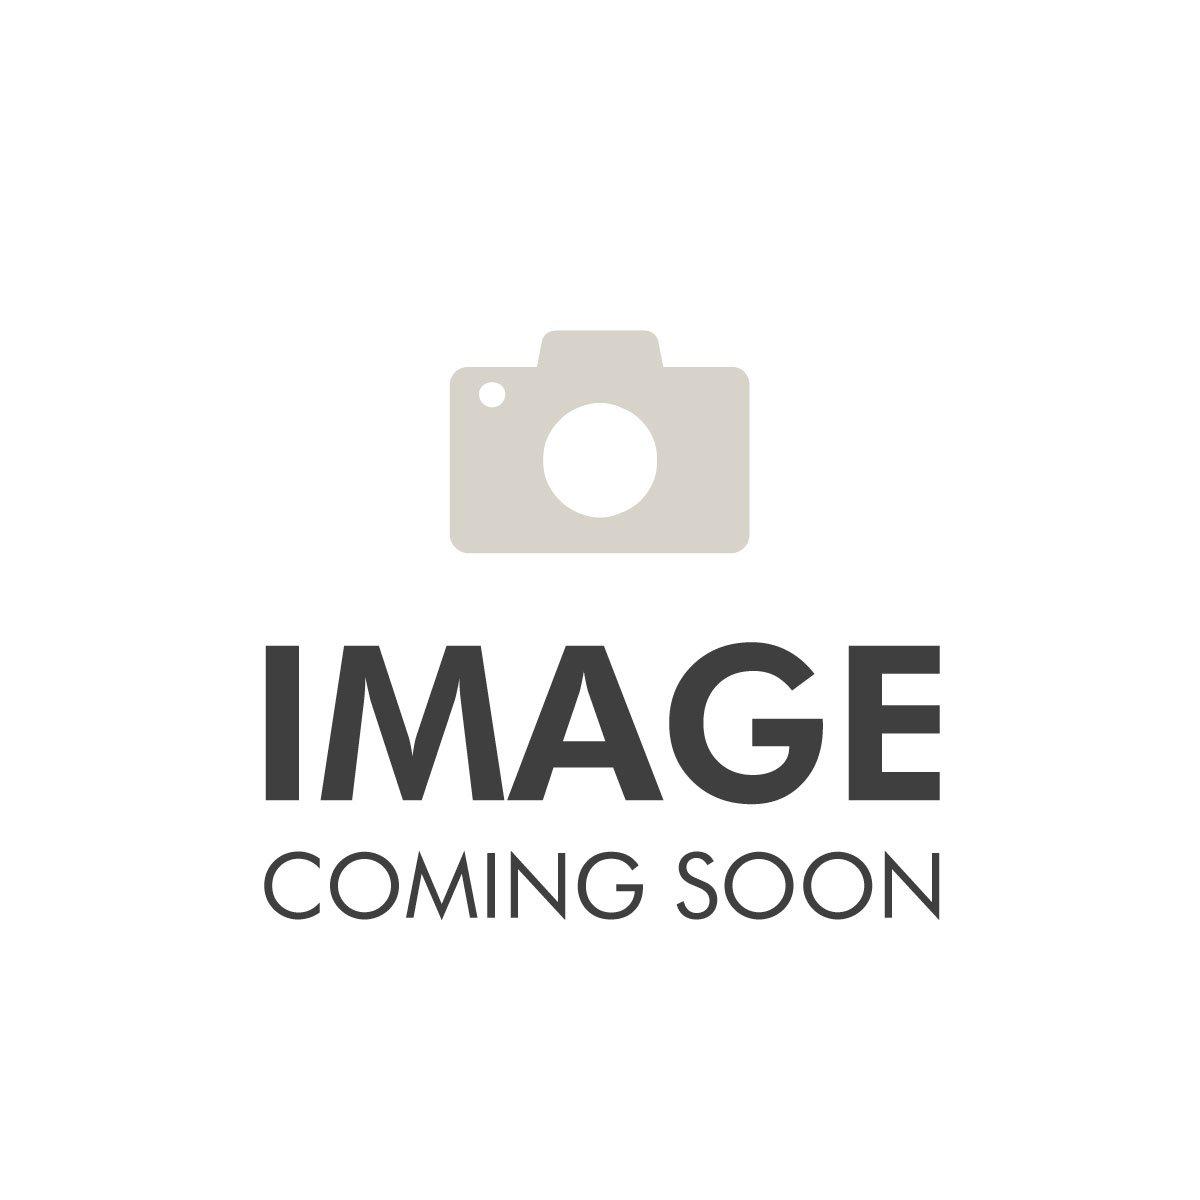 FWF - Pointe de fleuret complète - Standard Allemand